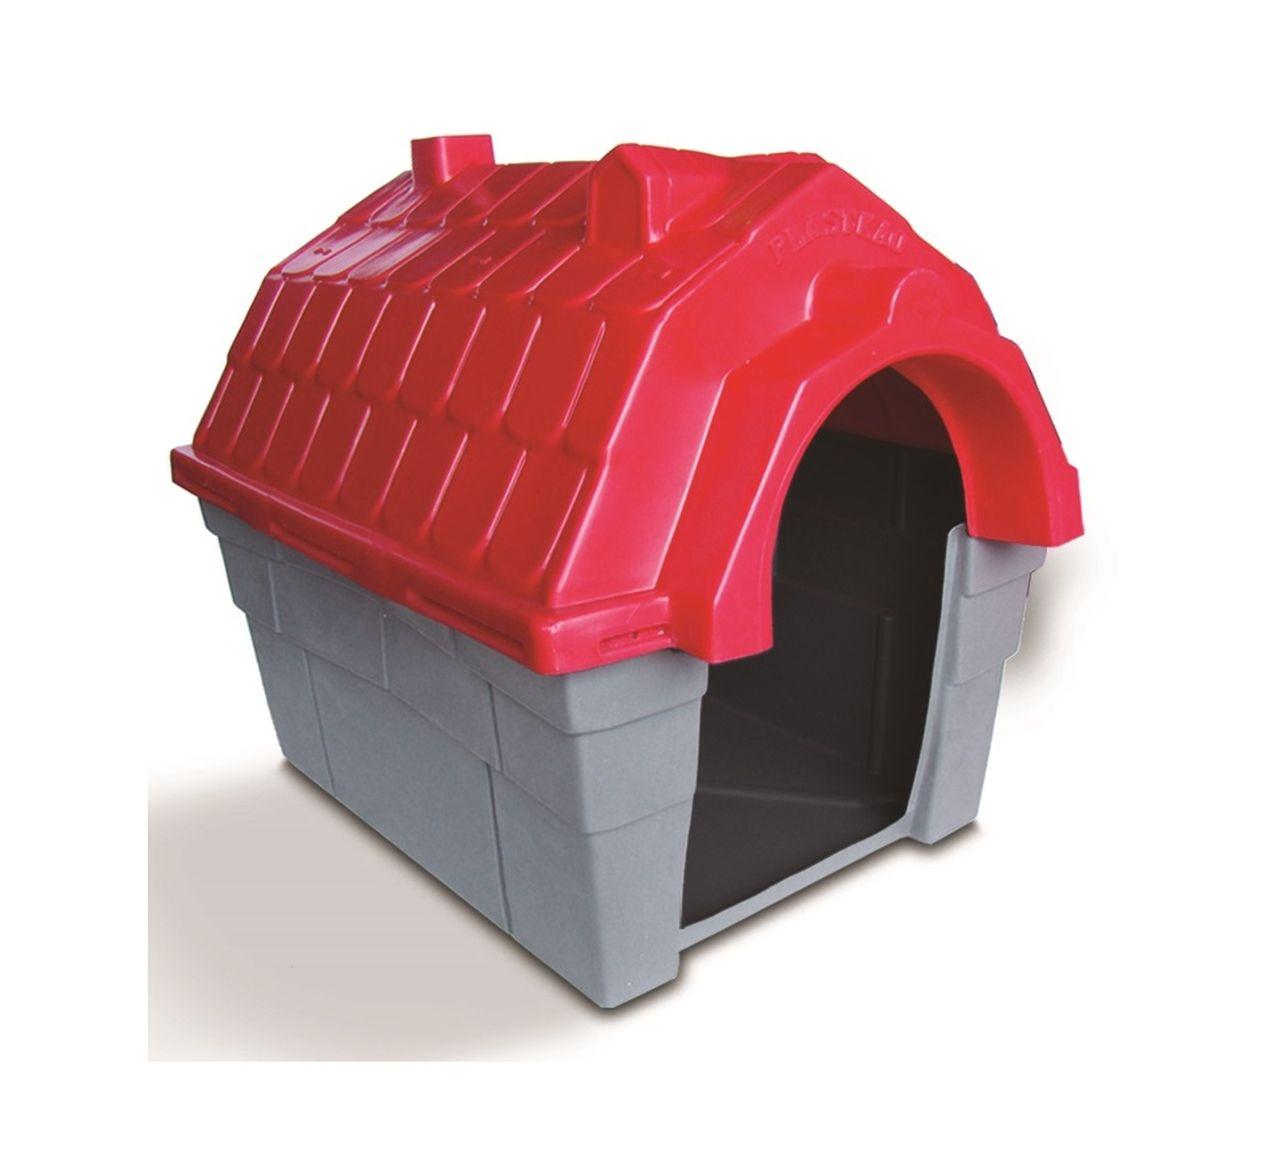 Casinha Cachorro Plástica nº 05 Vermelha